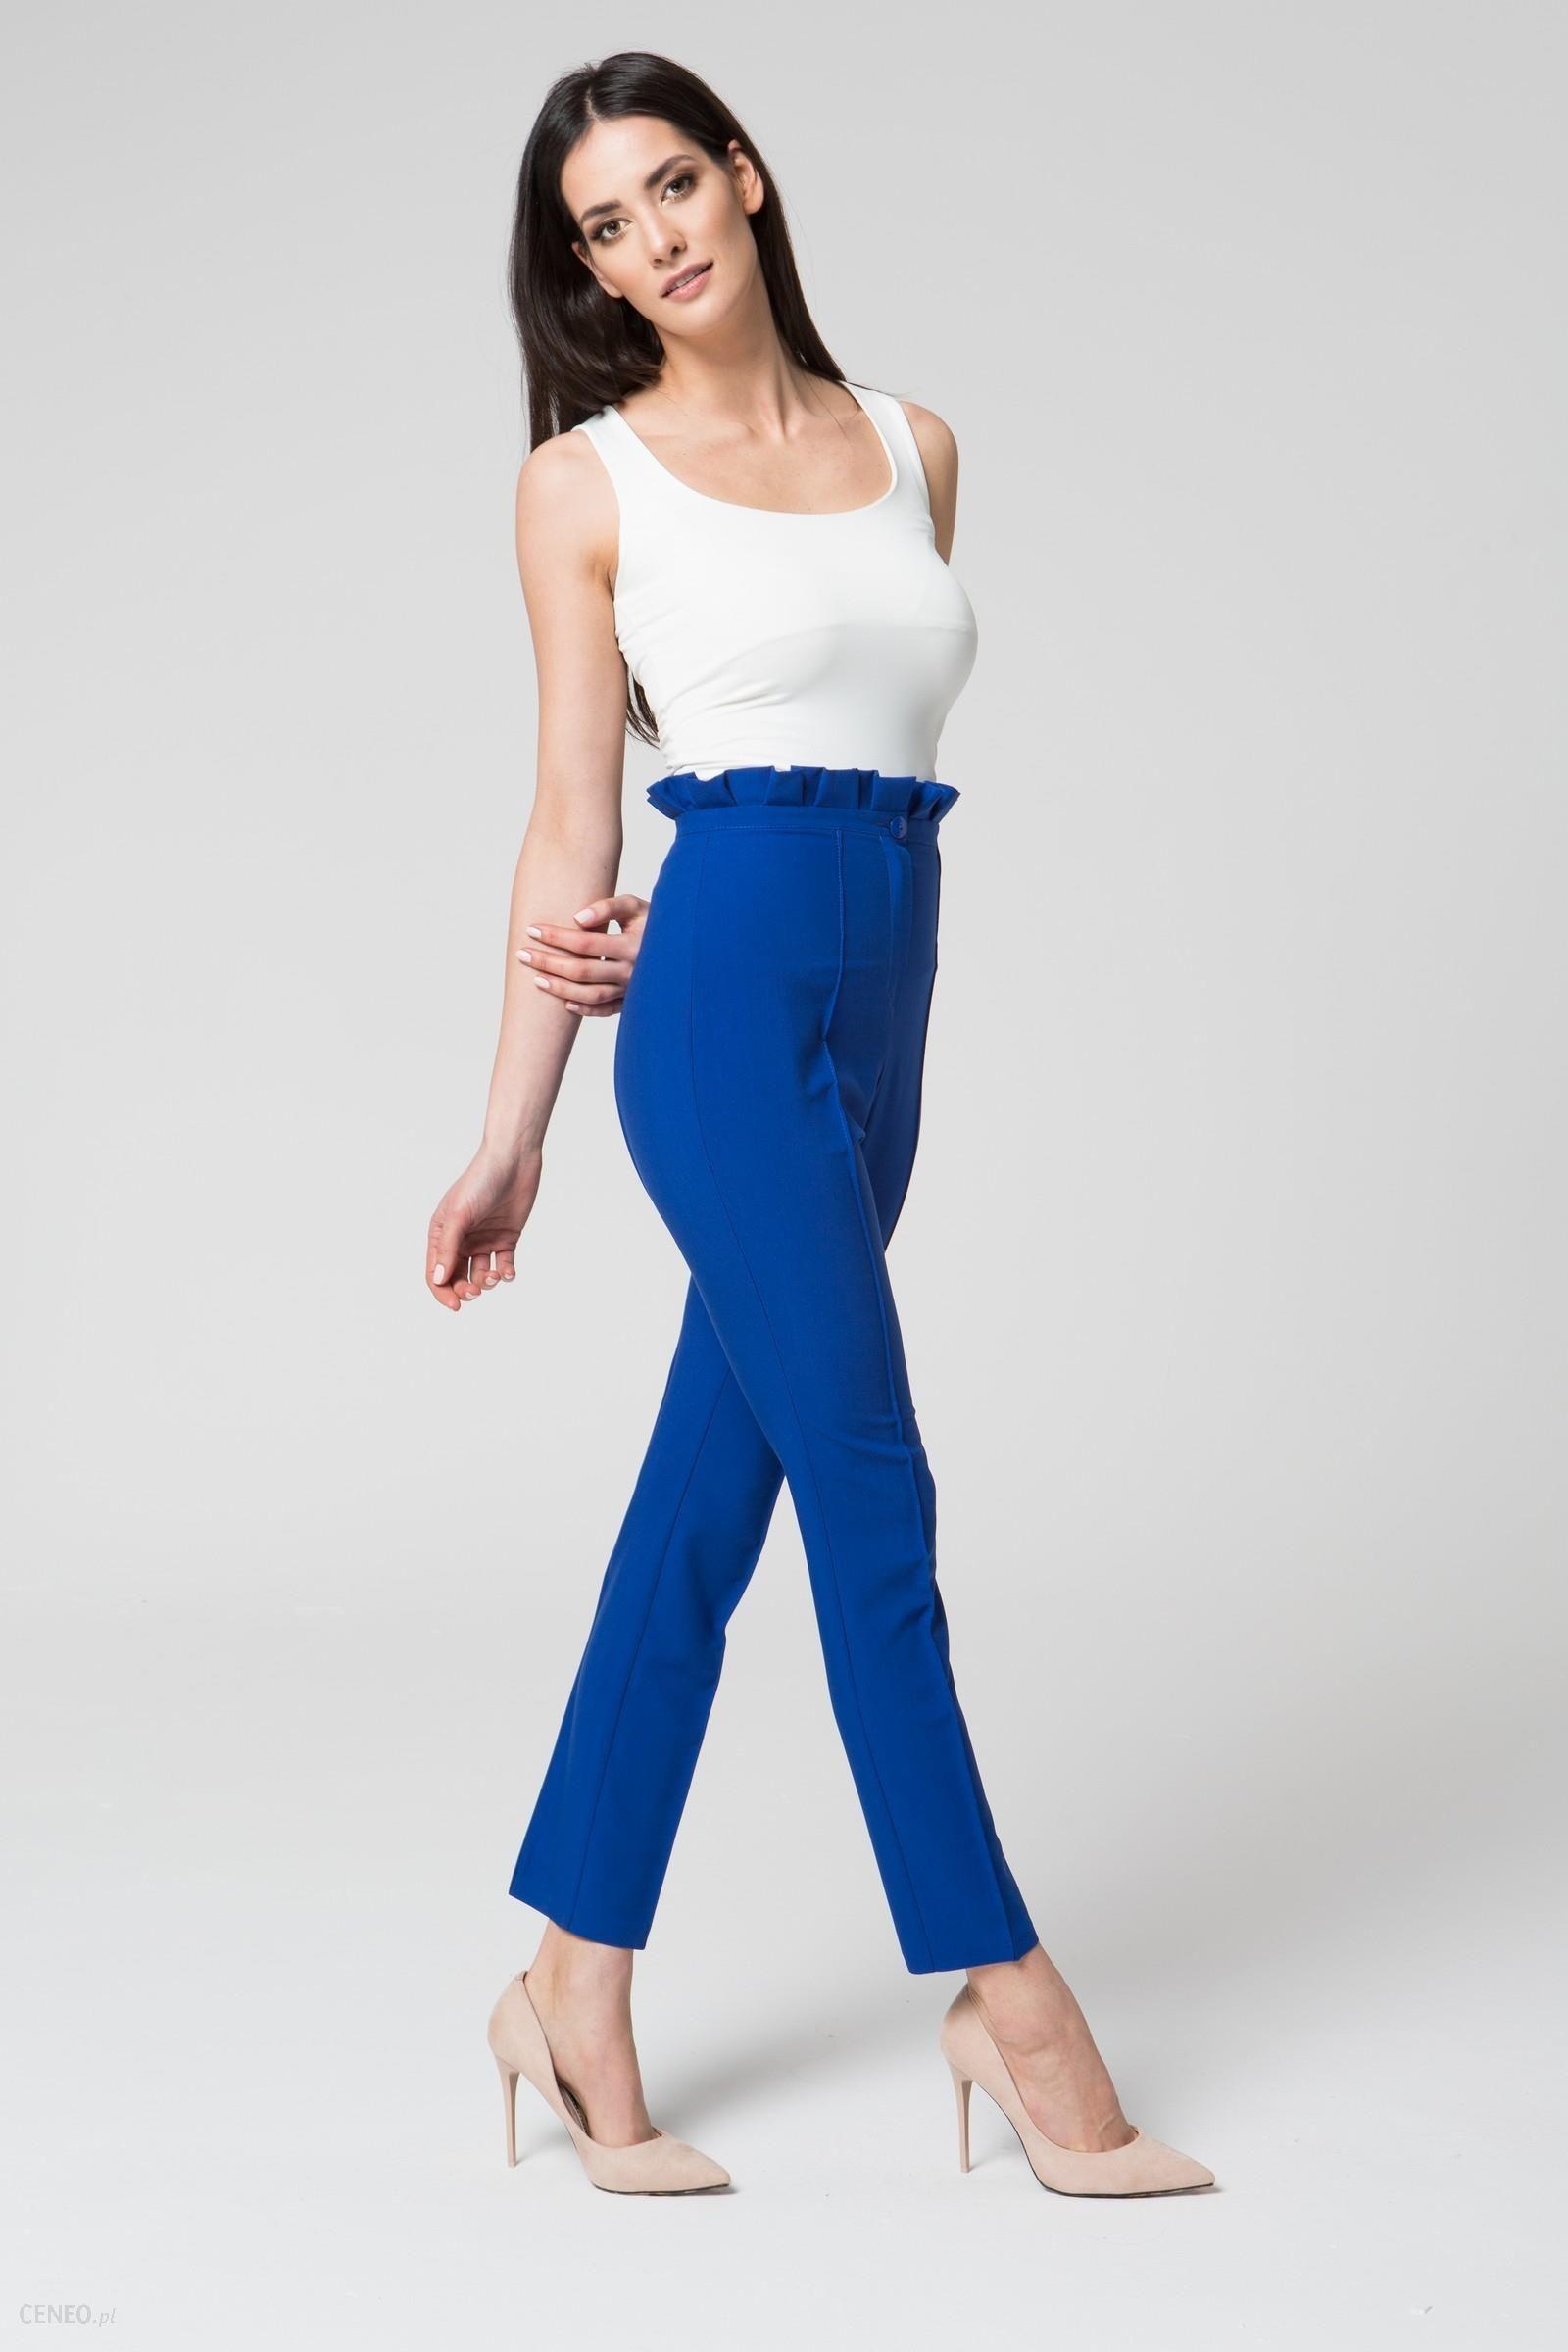 baaee8633a8e Mosali Mosali - Eleganckie Spodnie z Podwyższonym Stanem M032 niebieski -  zdjęcie 1